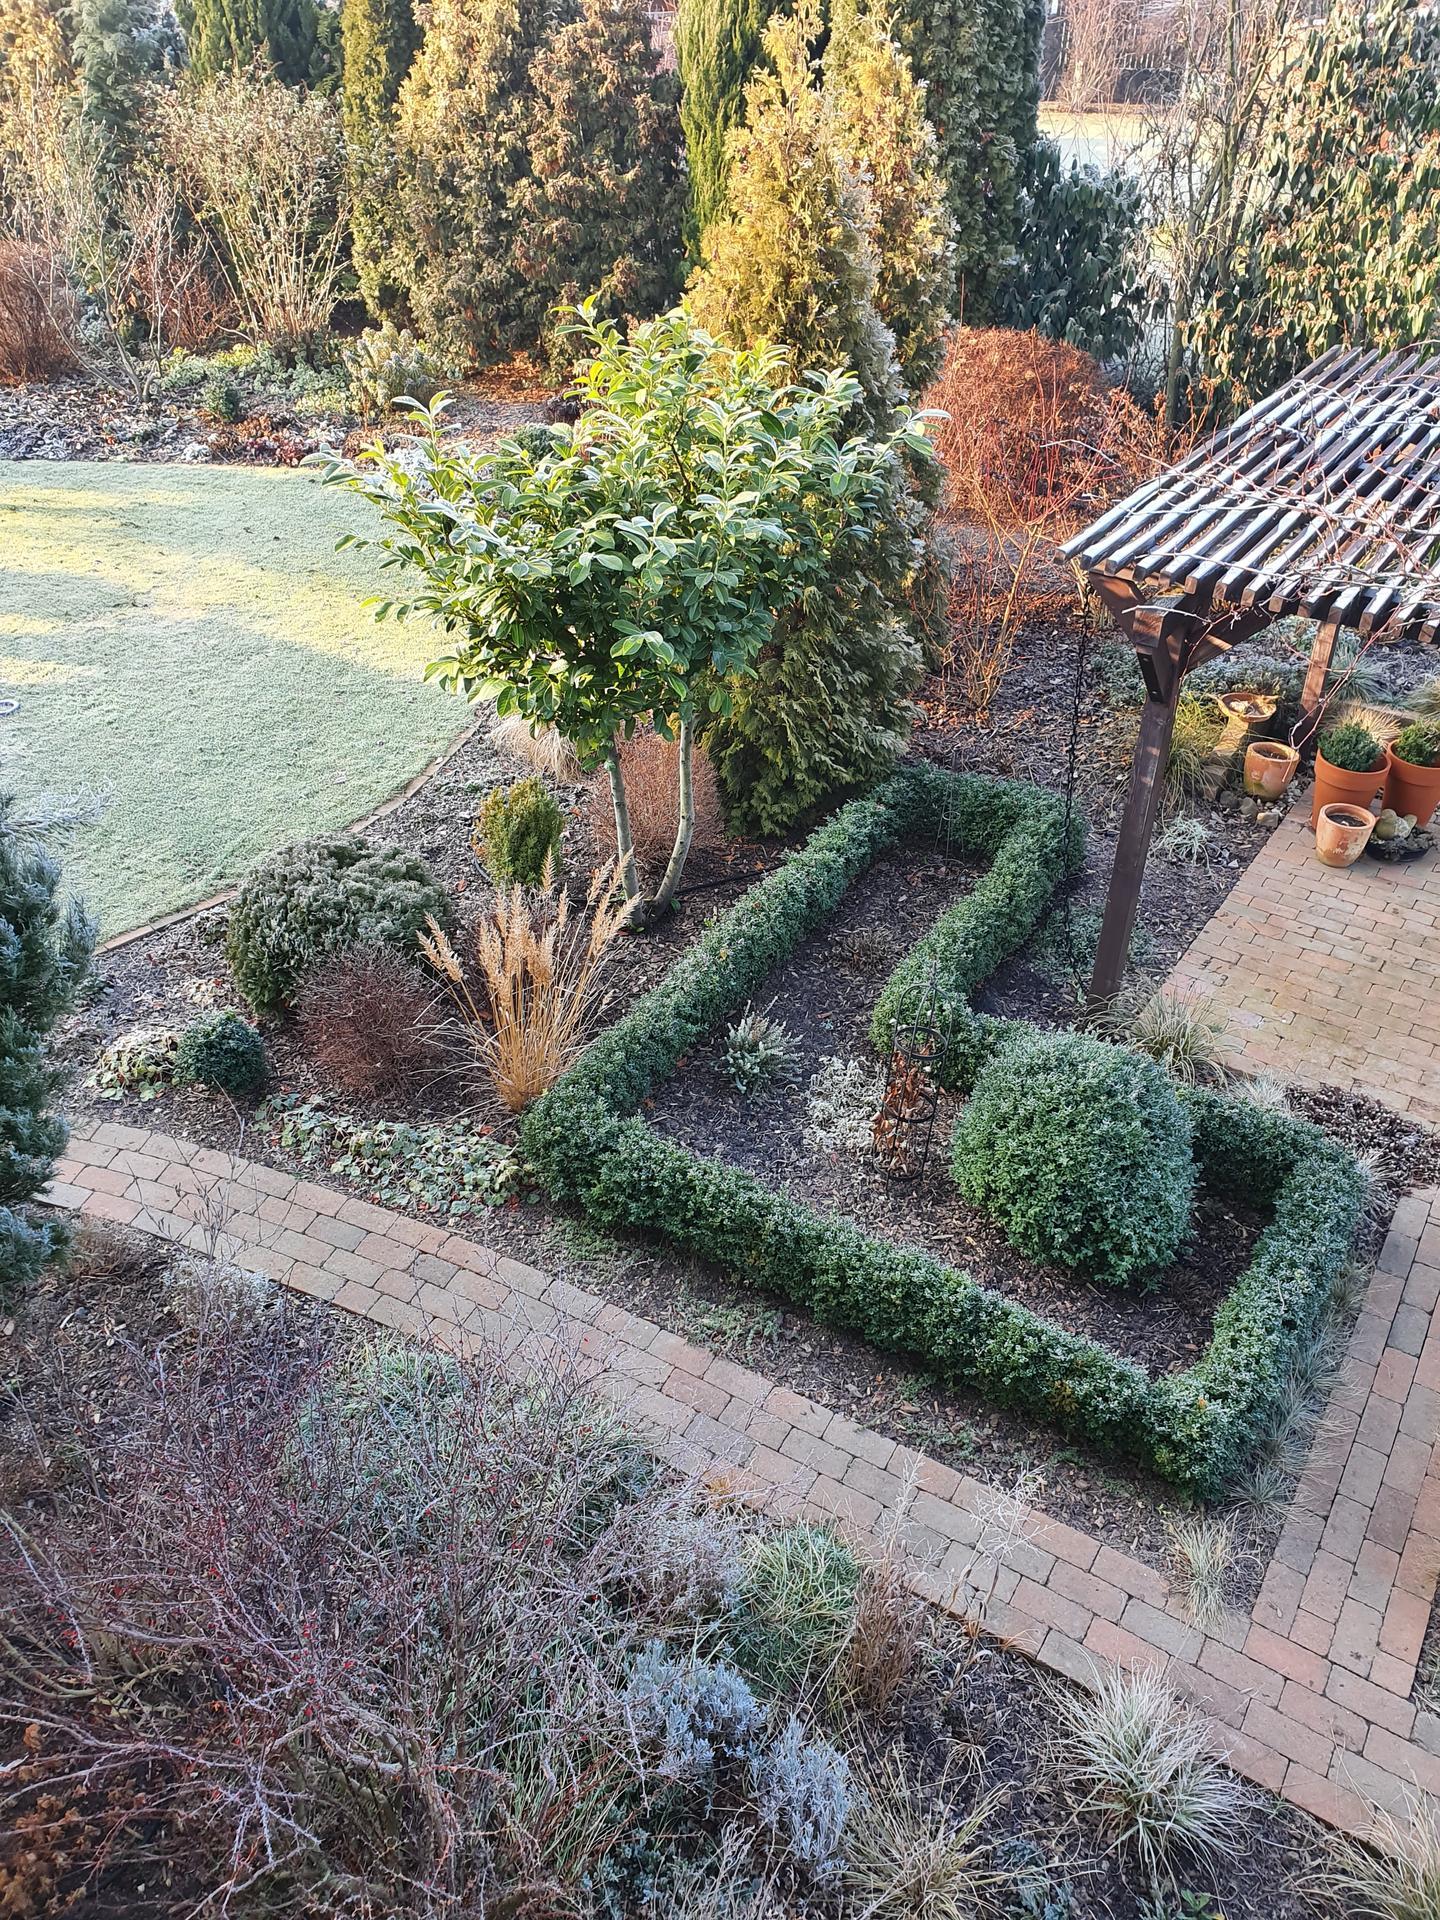 Zahrada ozdobená mrazem - Obrázek č. 1